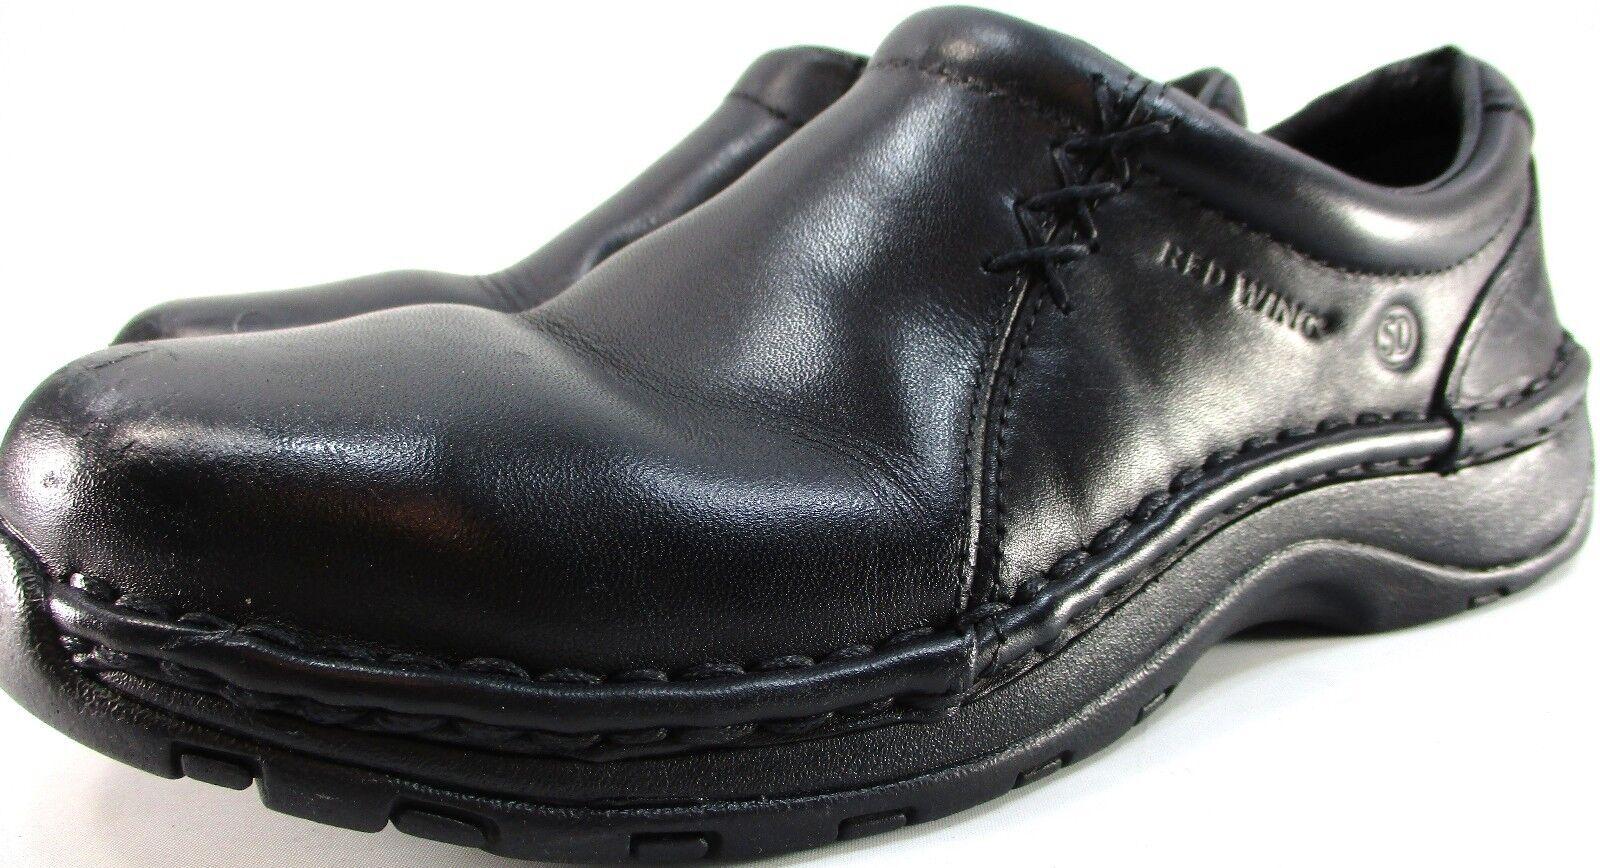 Rouge Wing Femmes Steel Toe Chaussures de sécurité Taille 7 Euro 37.5 noir résistant à l'huile